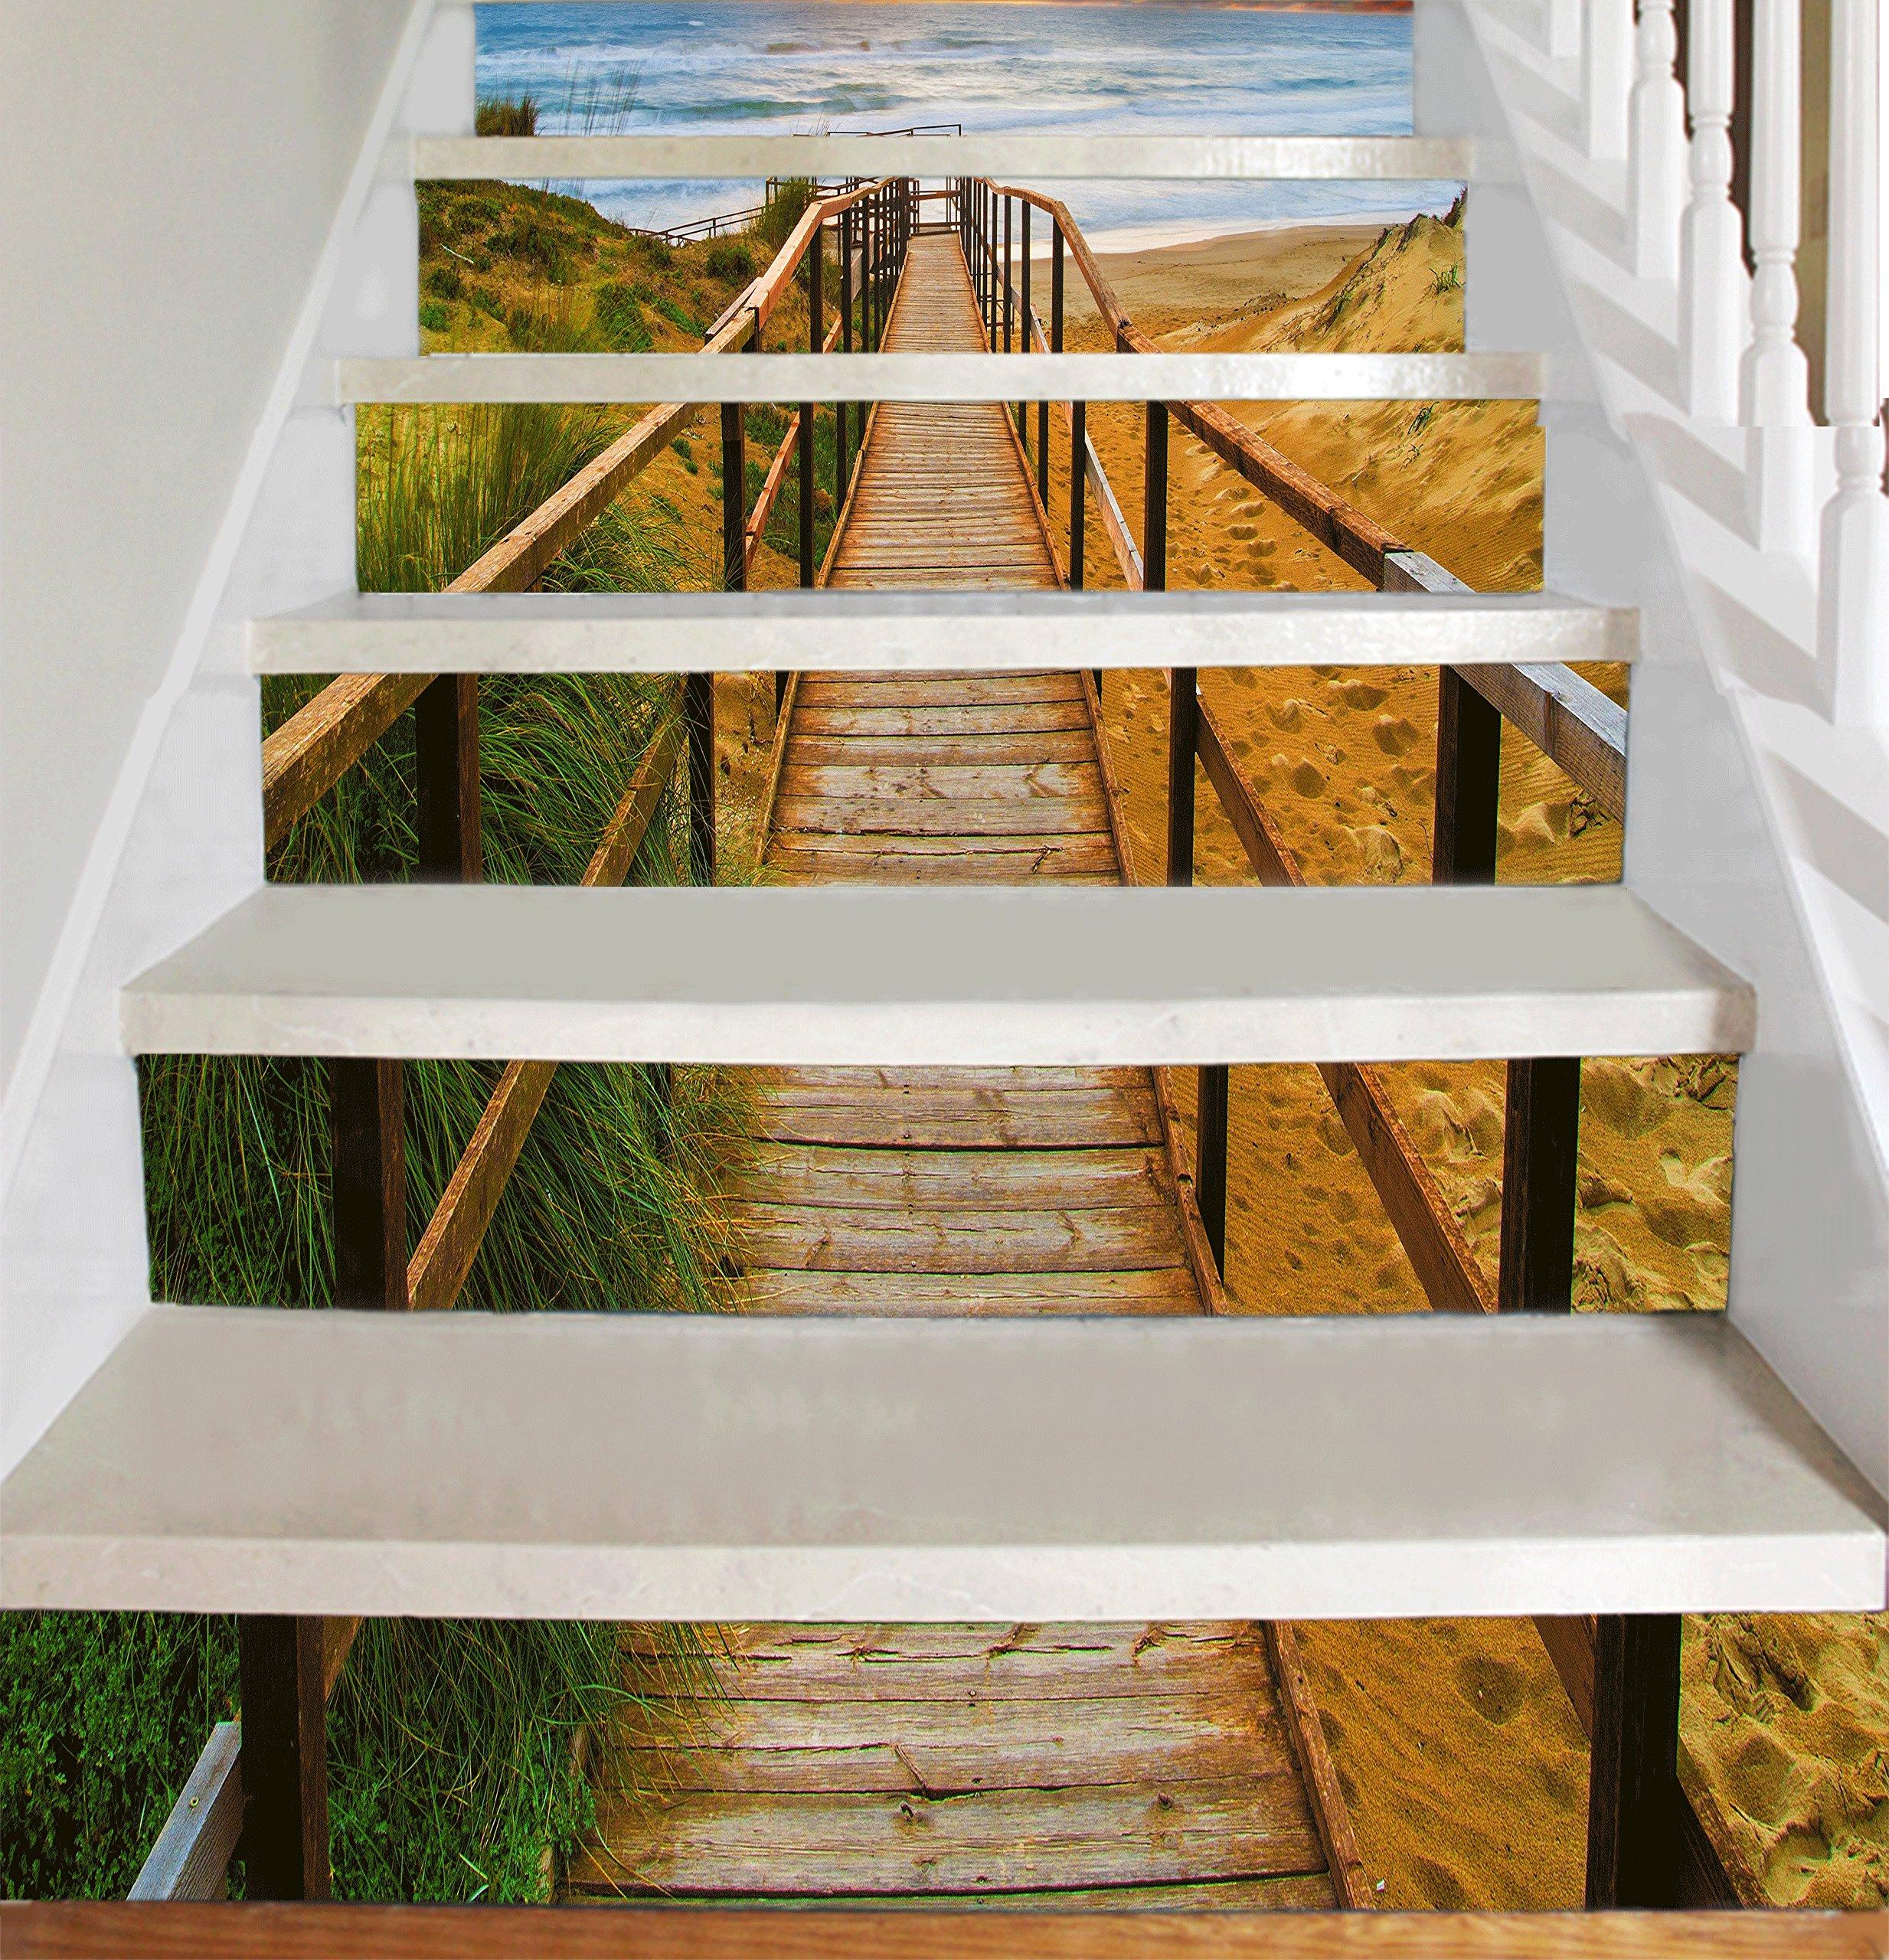 Tiras de vinilo decorativas para Escaleras de Escalera (Escalera al Mar) - Pelar y pegar - Etiqueta autoadhesiva - Decoración para el Hogar Bricolaje - Pack de 10 Tiras: Amazon.es: Bricolaje y herramientas